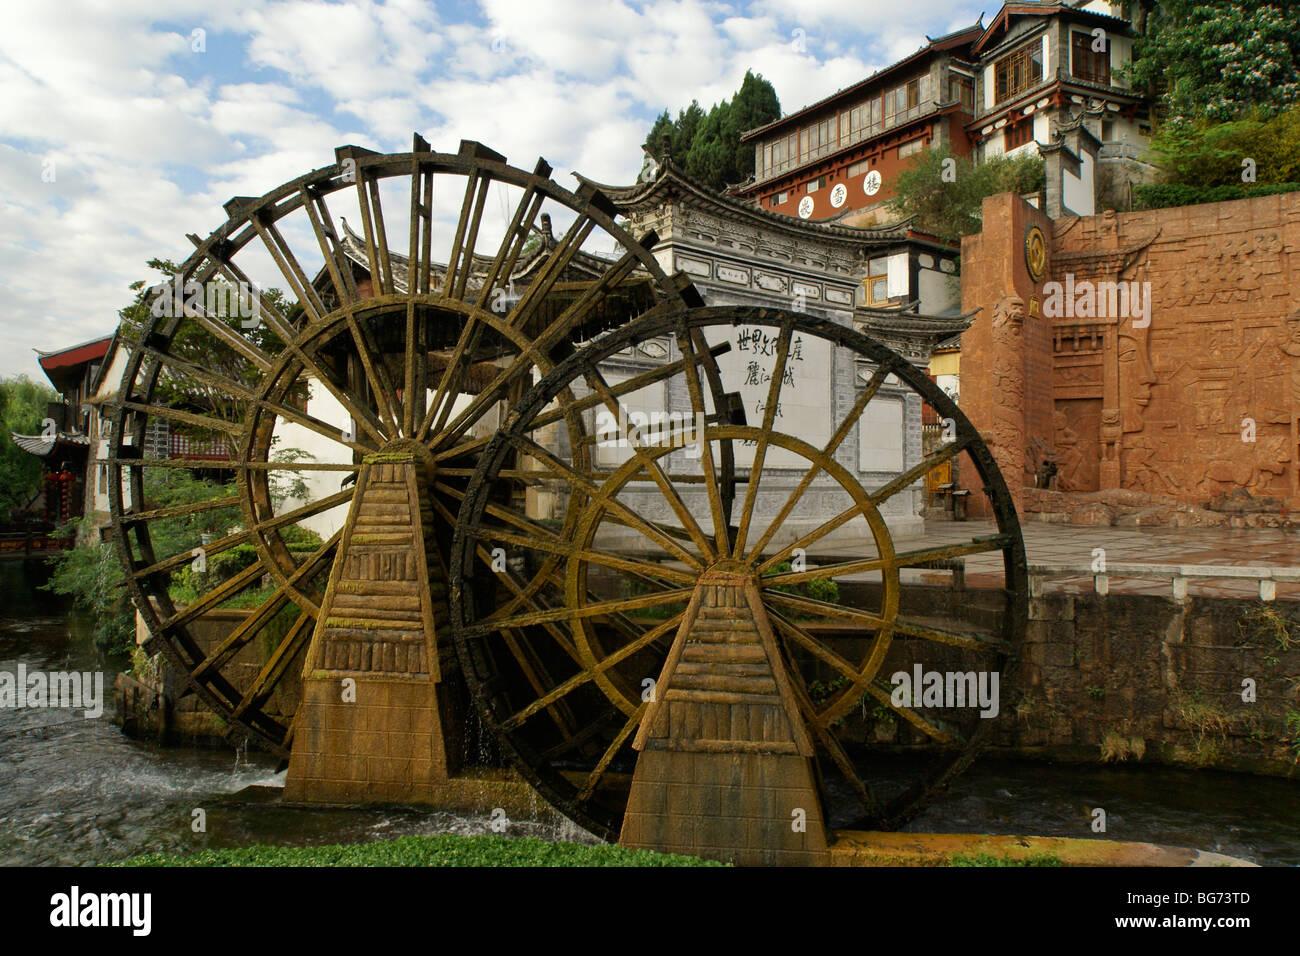 Water wheels in Lijiang's old town (Dayan), Yunnan, China - Stock Image